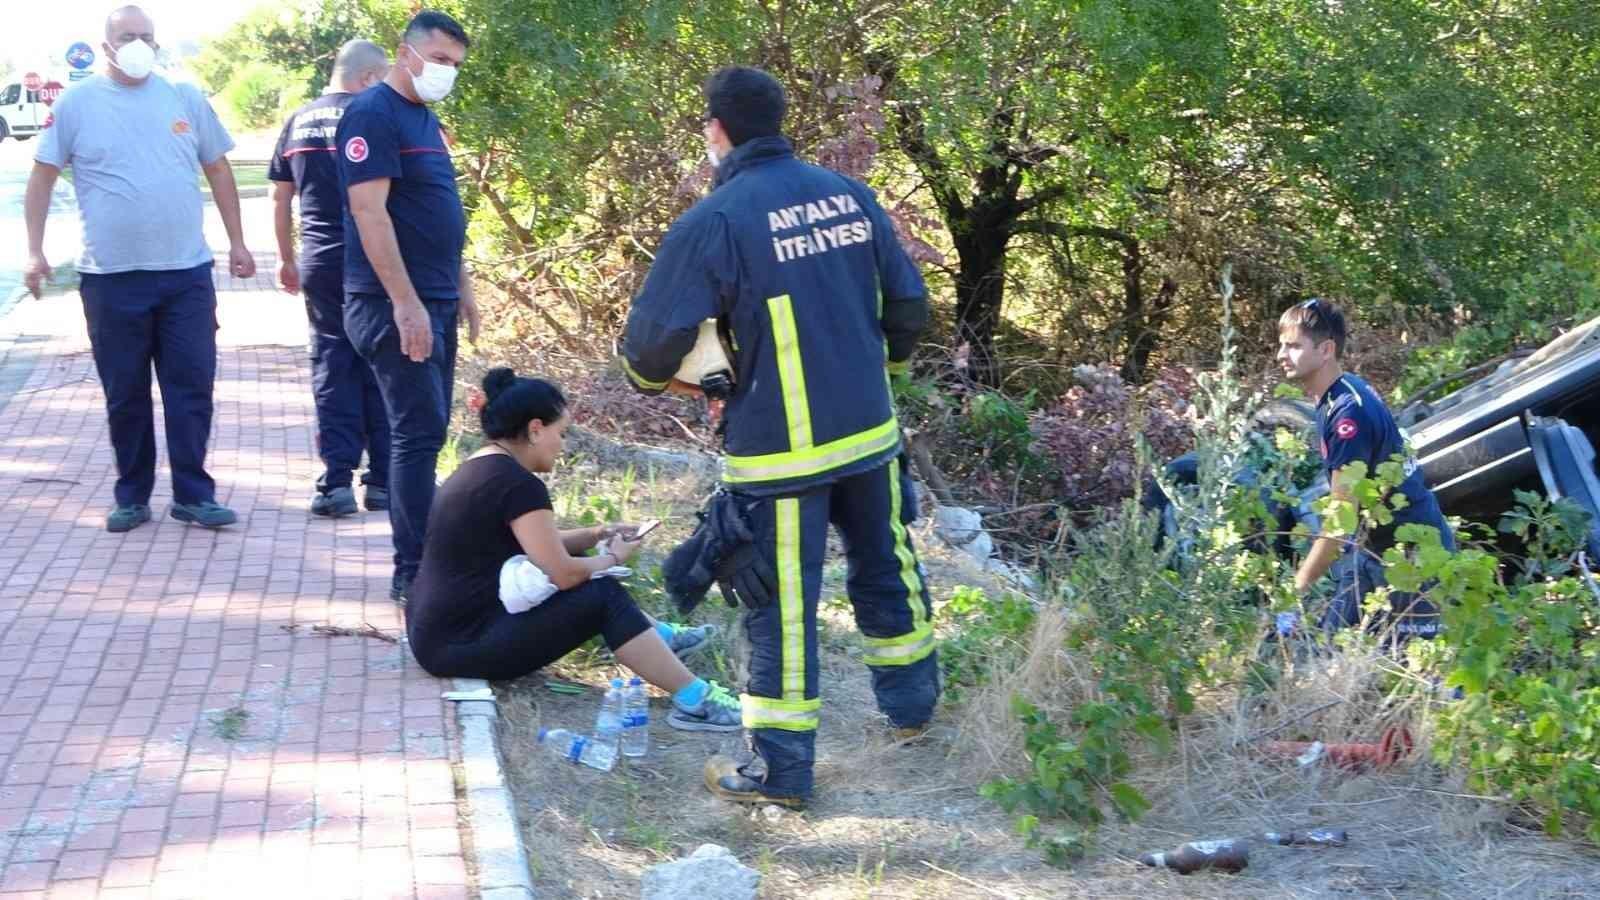 Takla atarak yol kenarında bulunan bahçeye uçan araçtan yara almadan çıktı